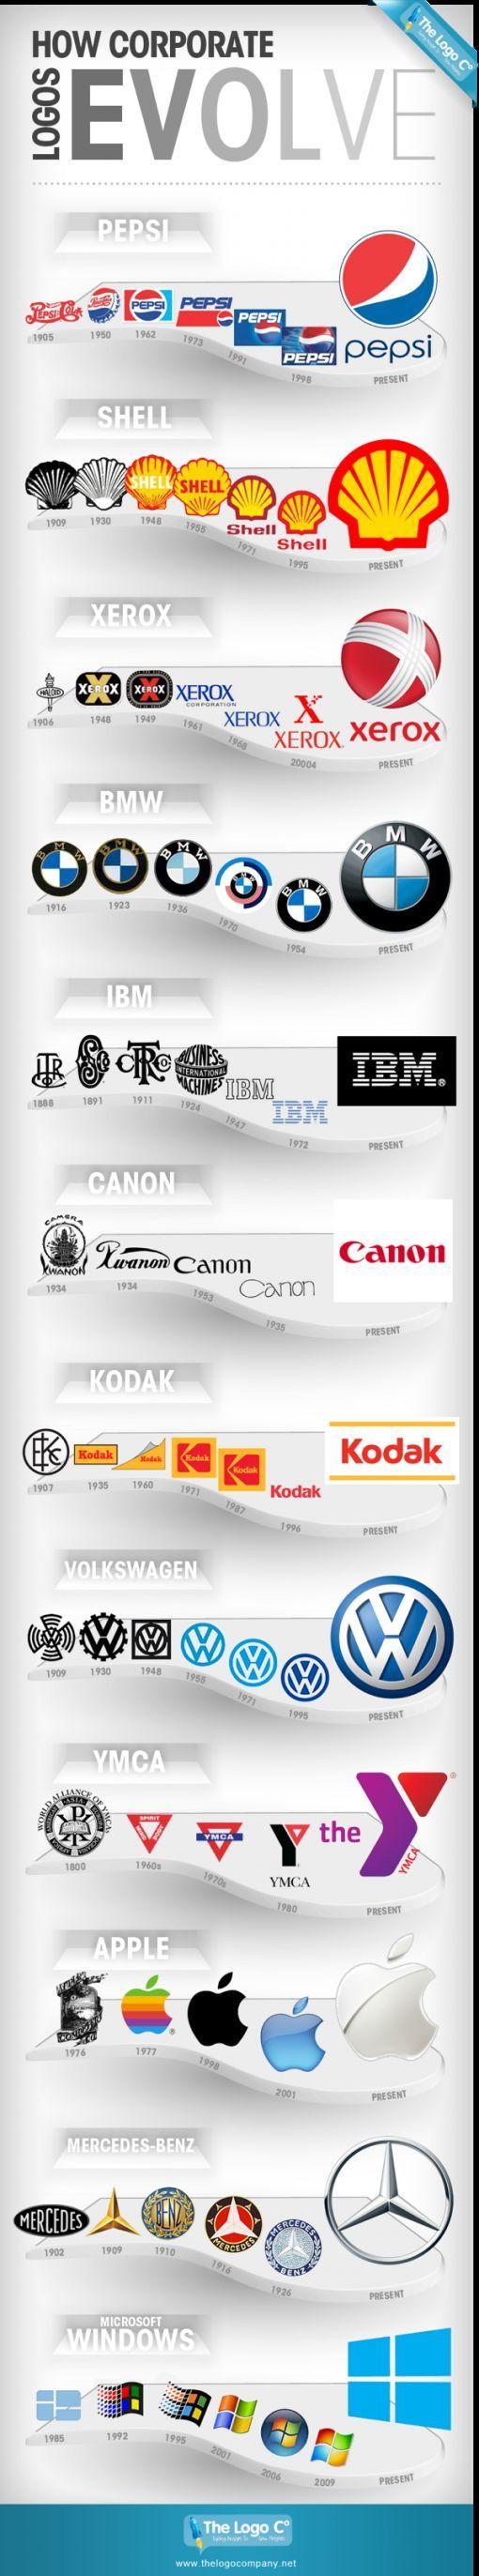 infographic met daarop de evolutie van logo's van bekende merken